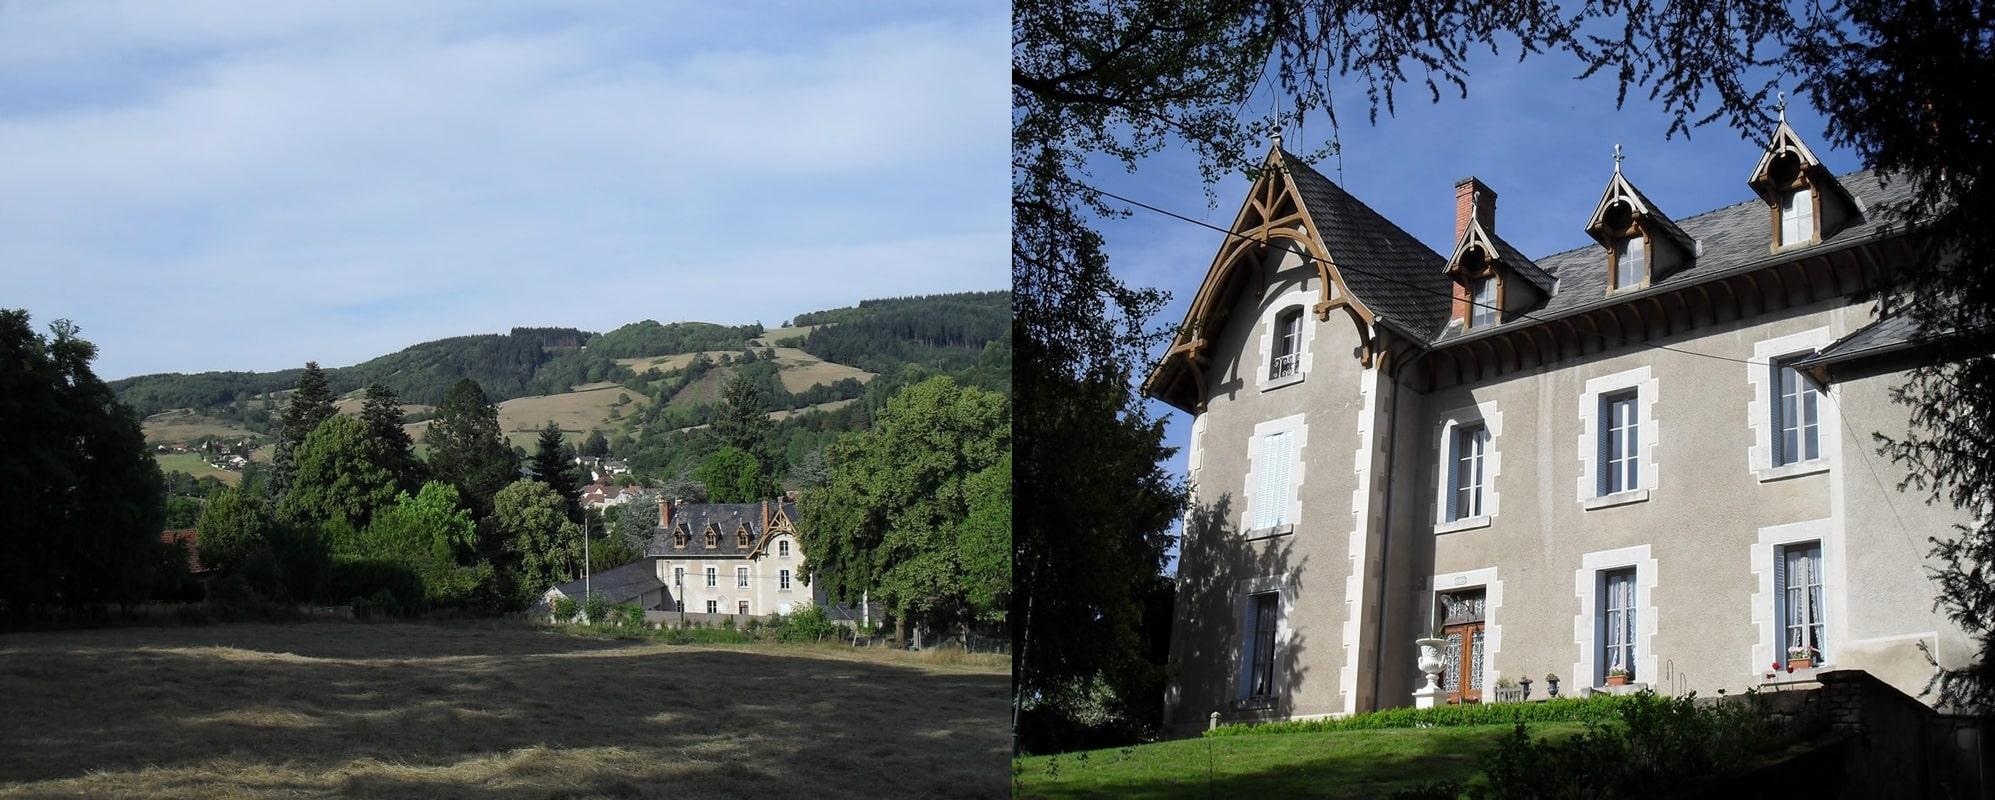 Chateau Arfeuilles in zijn omgeving